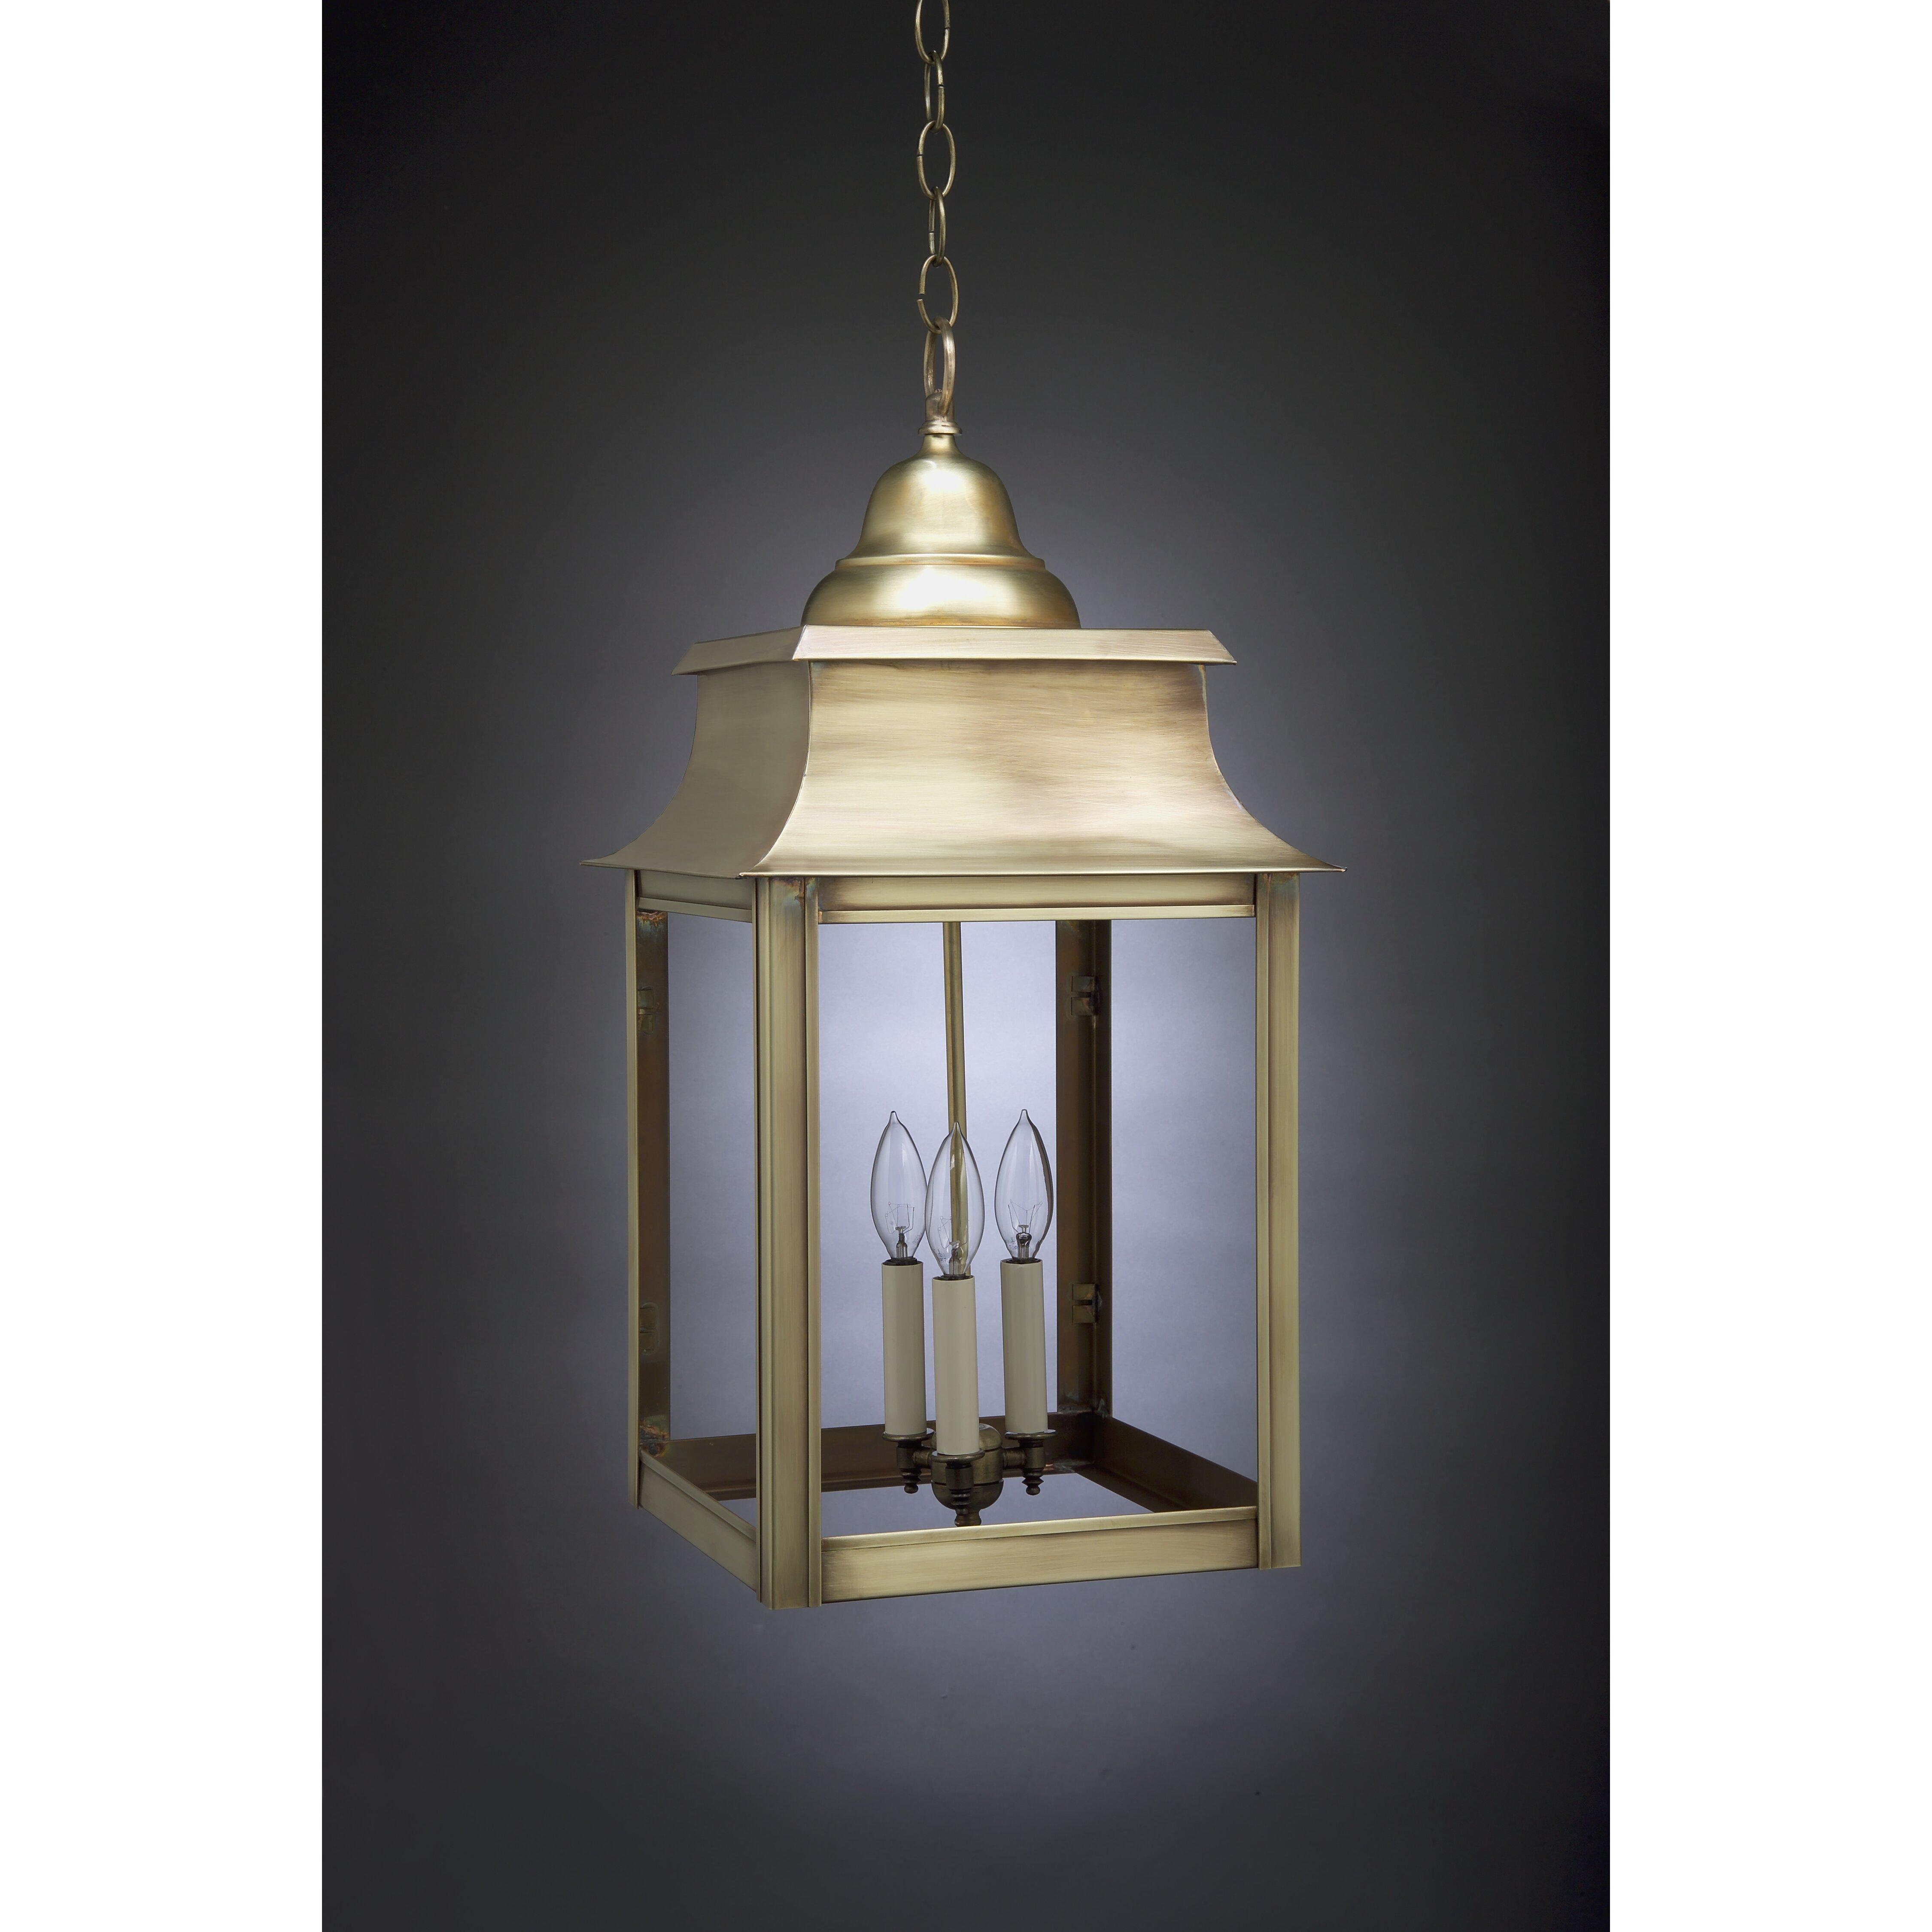 Wayfair Outdoor Hanging Lights: Northeast Lantern Concord 3 Light Outdoor Hanging Lantern